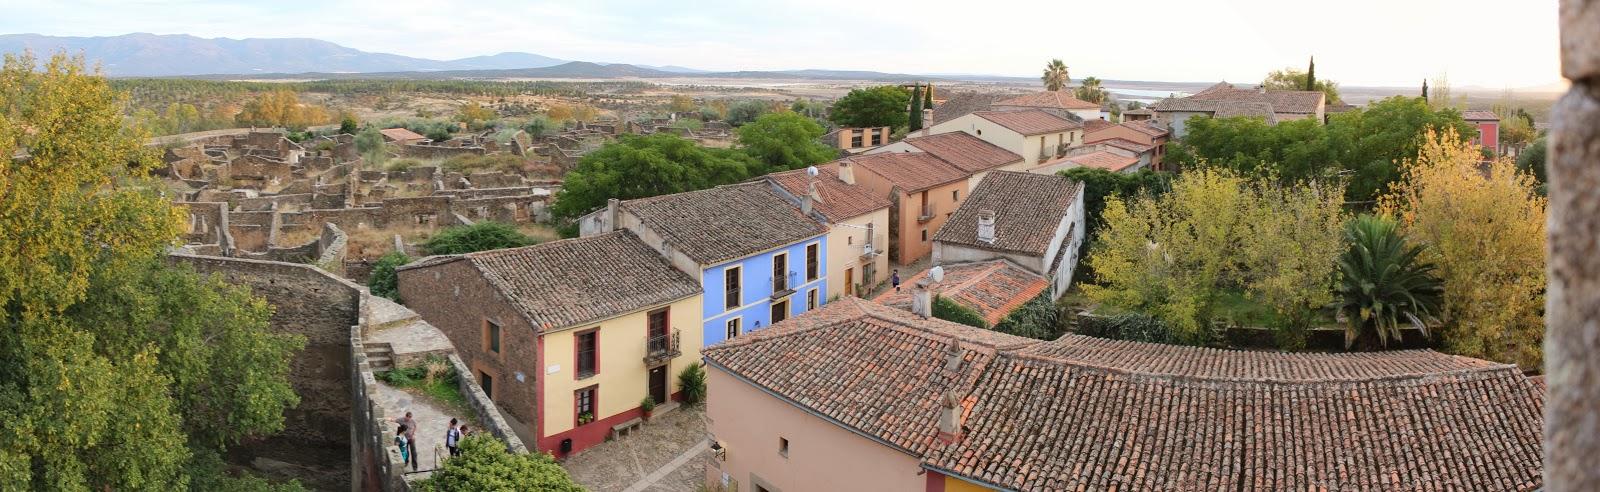 Visitar Granadilla, Cáceres (Extremadura)